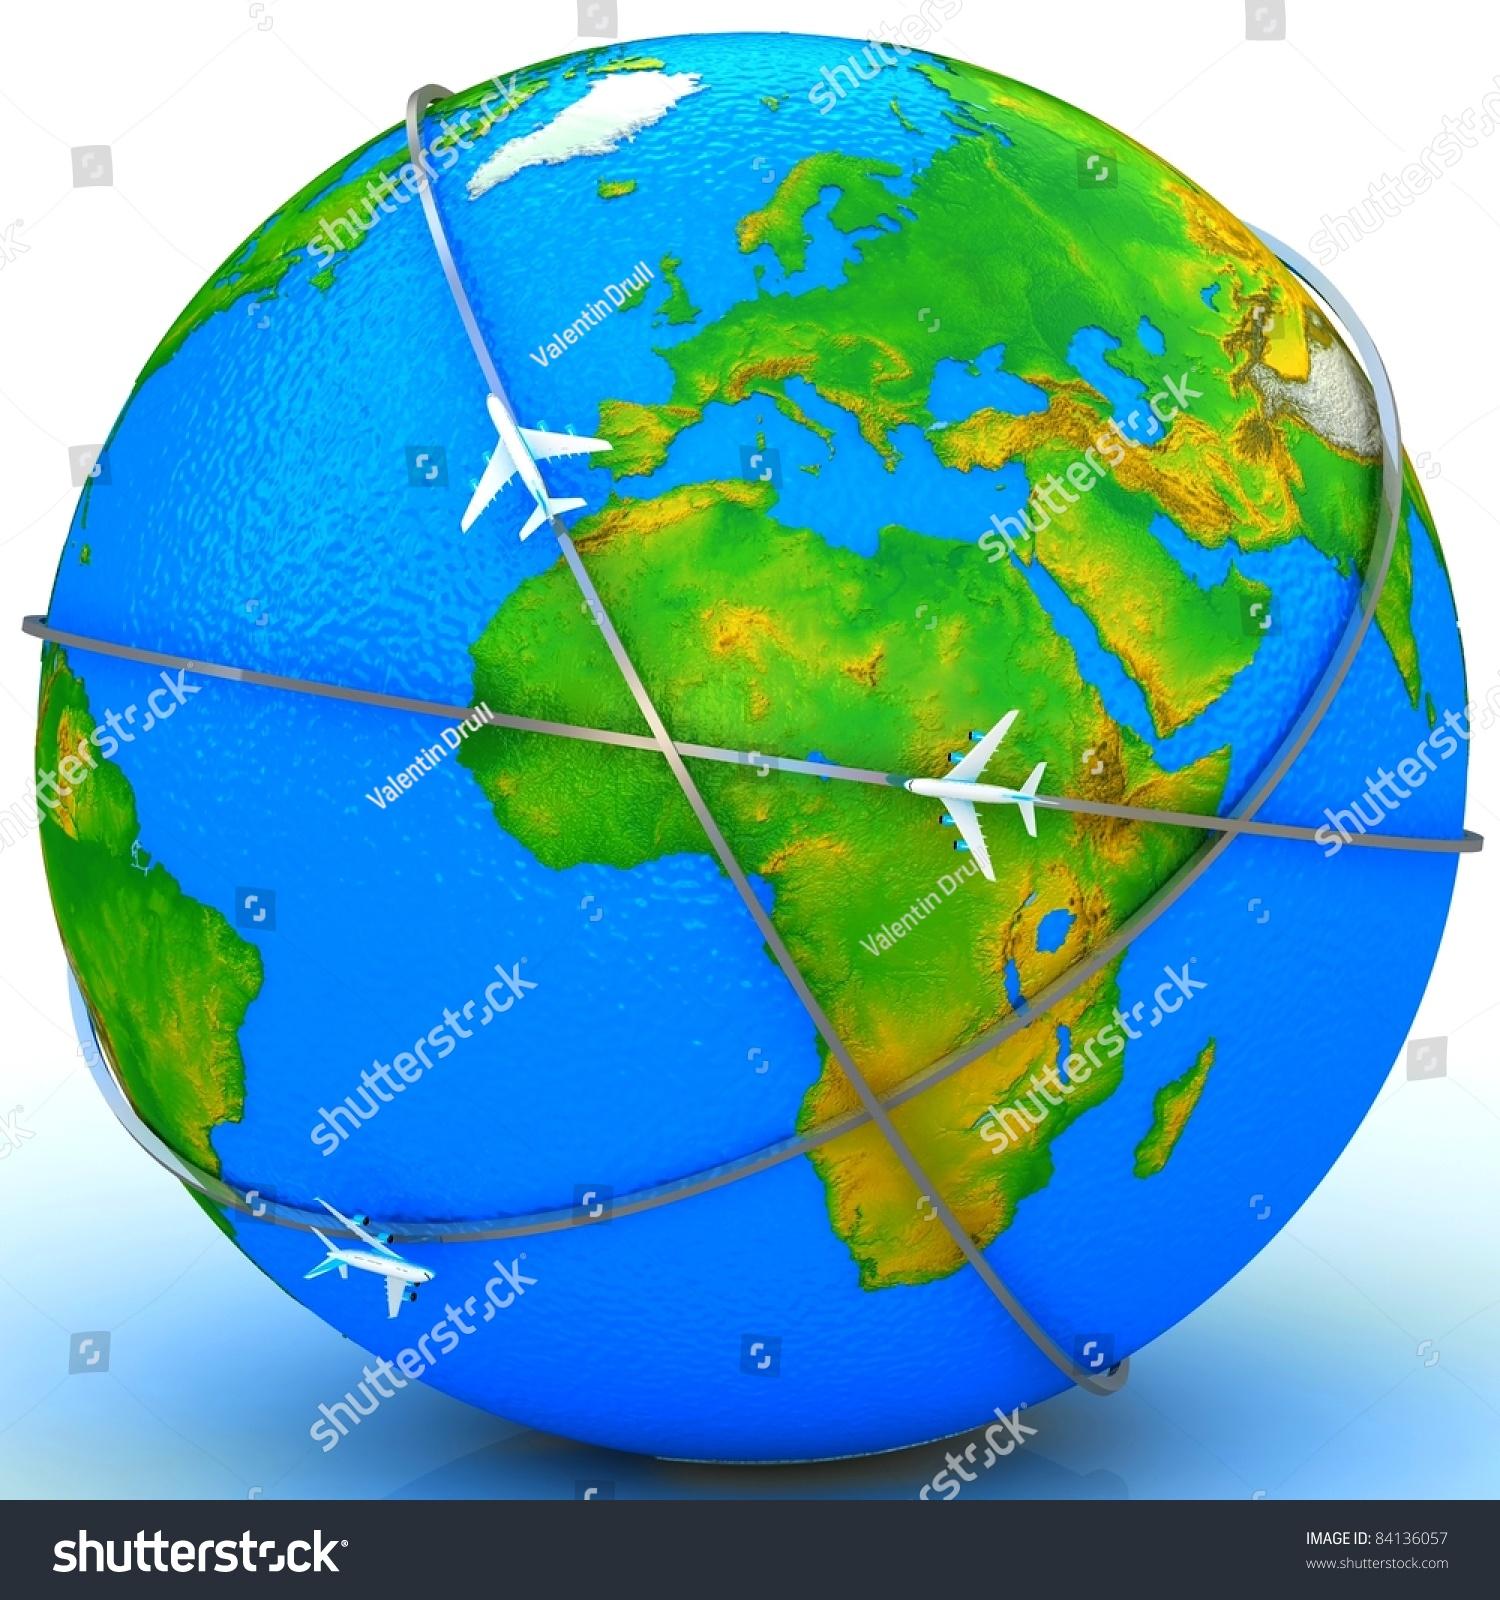 飞机的路线-商业/金融,抽象-海洛创意(hellorf)-中国